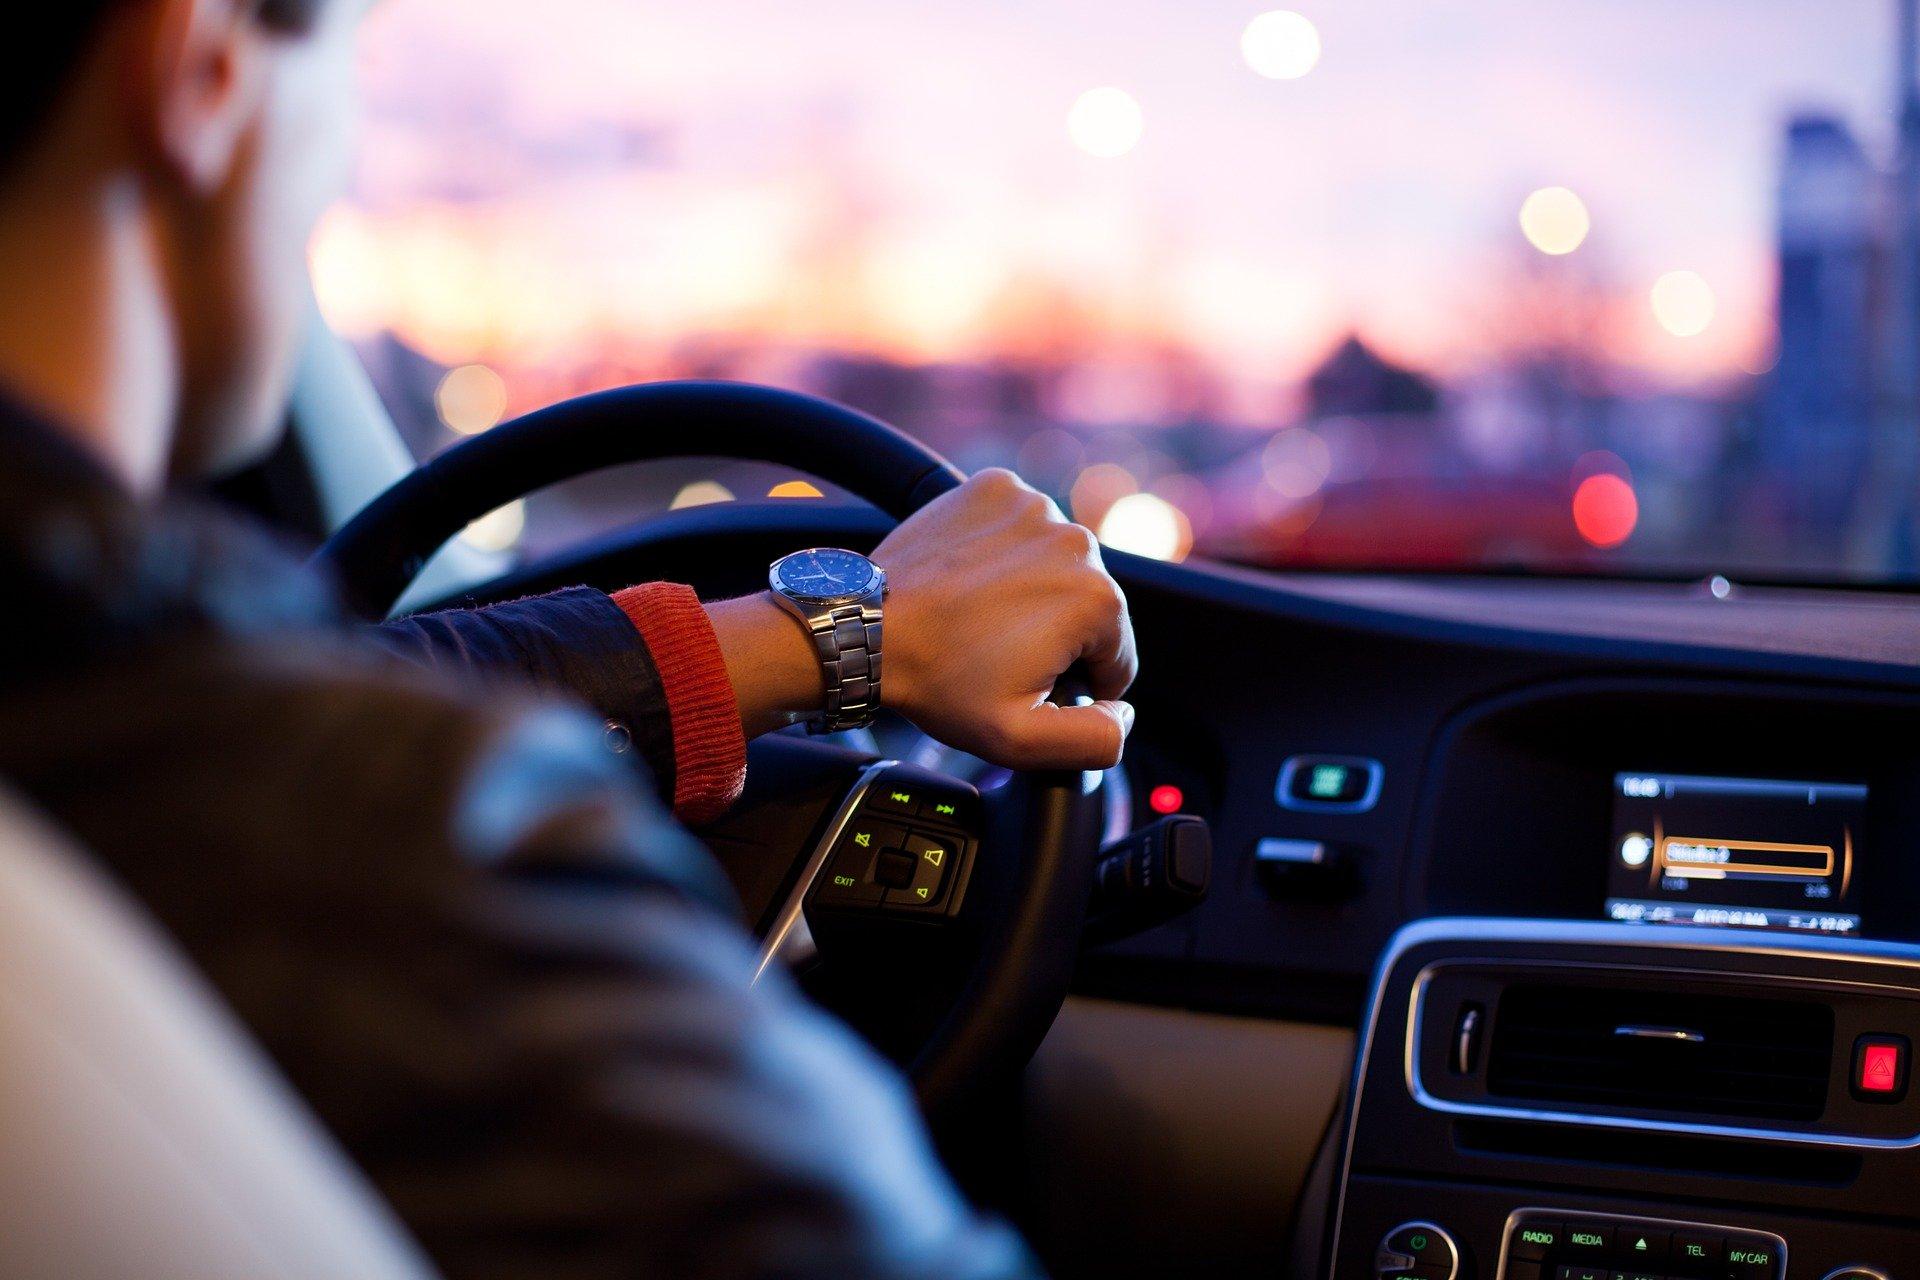 Comment bien choisir un autoradio pour votre voiture